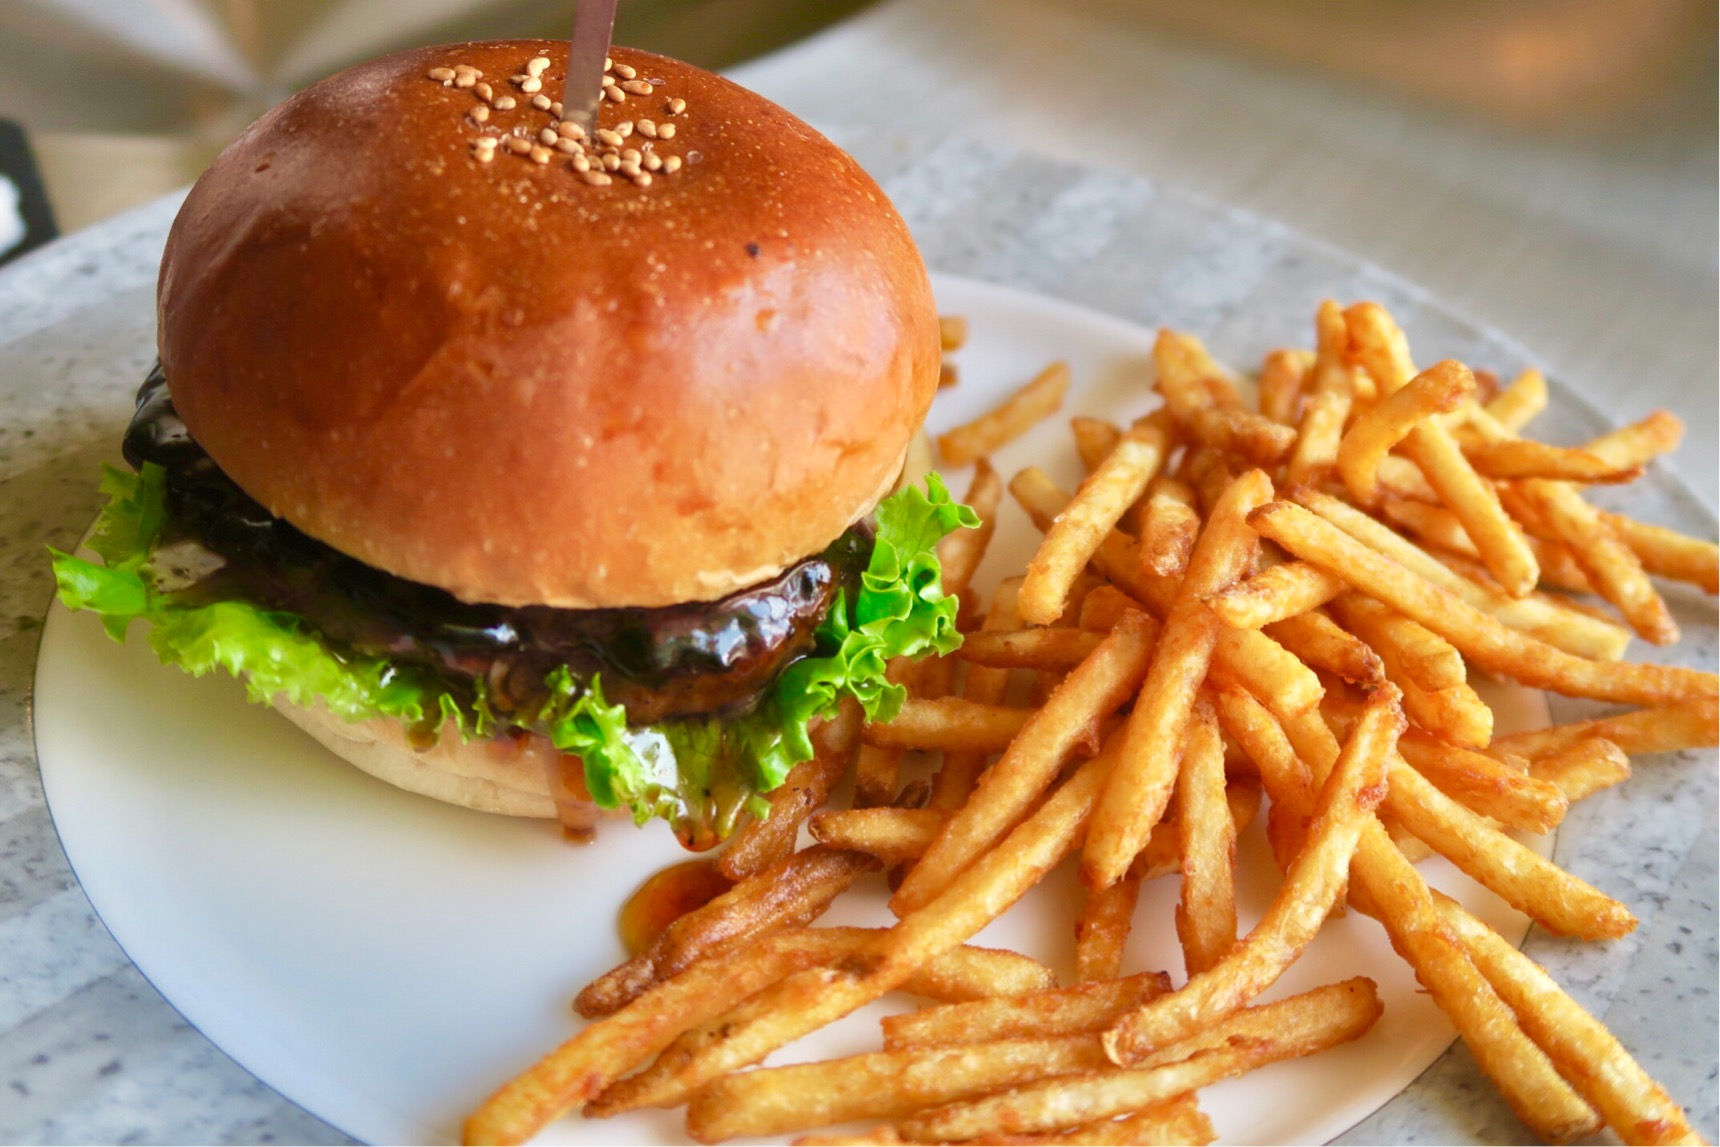 覚王山|すべてのメニューが専門店以上のこだわり!ハイレベルなハンバーガーショップ